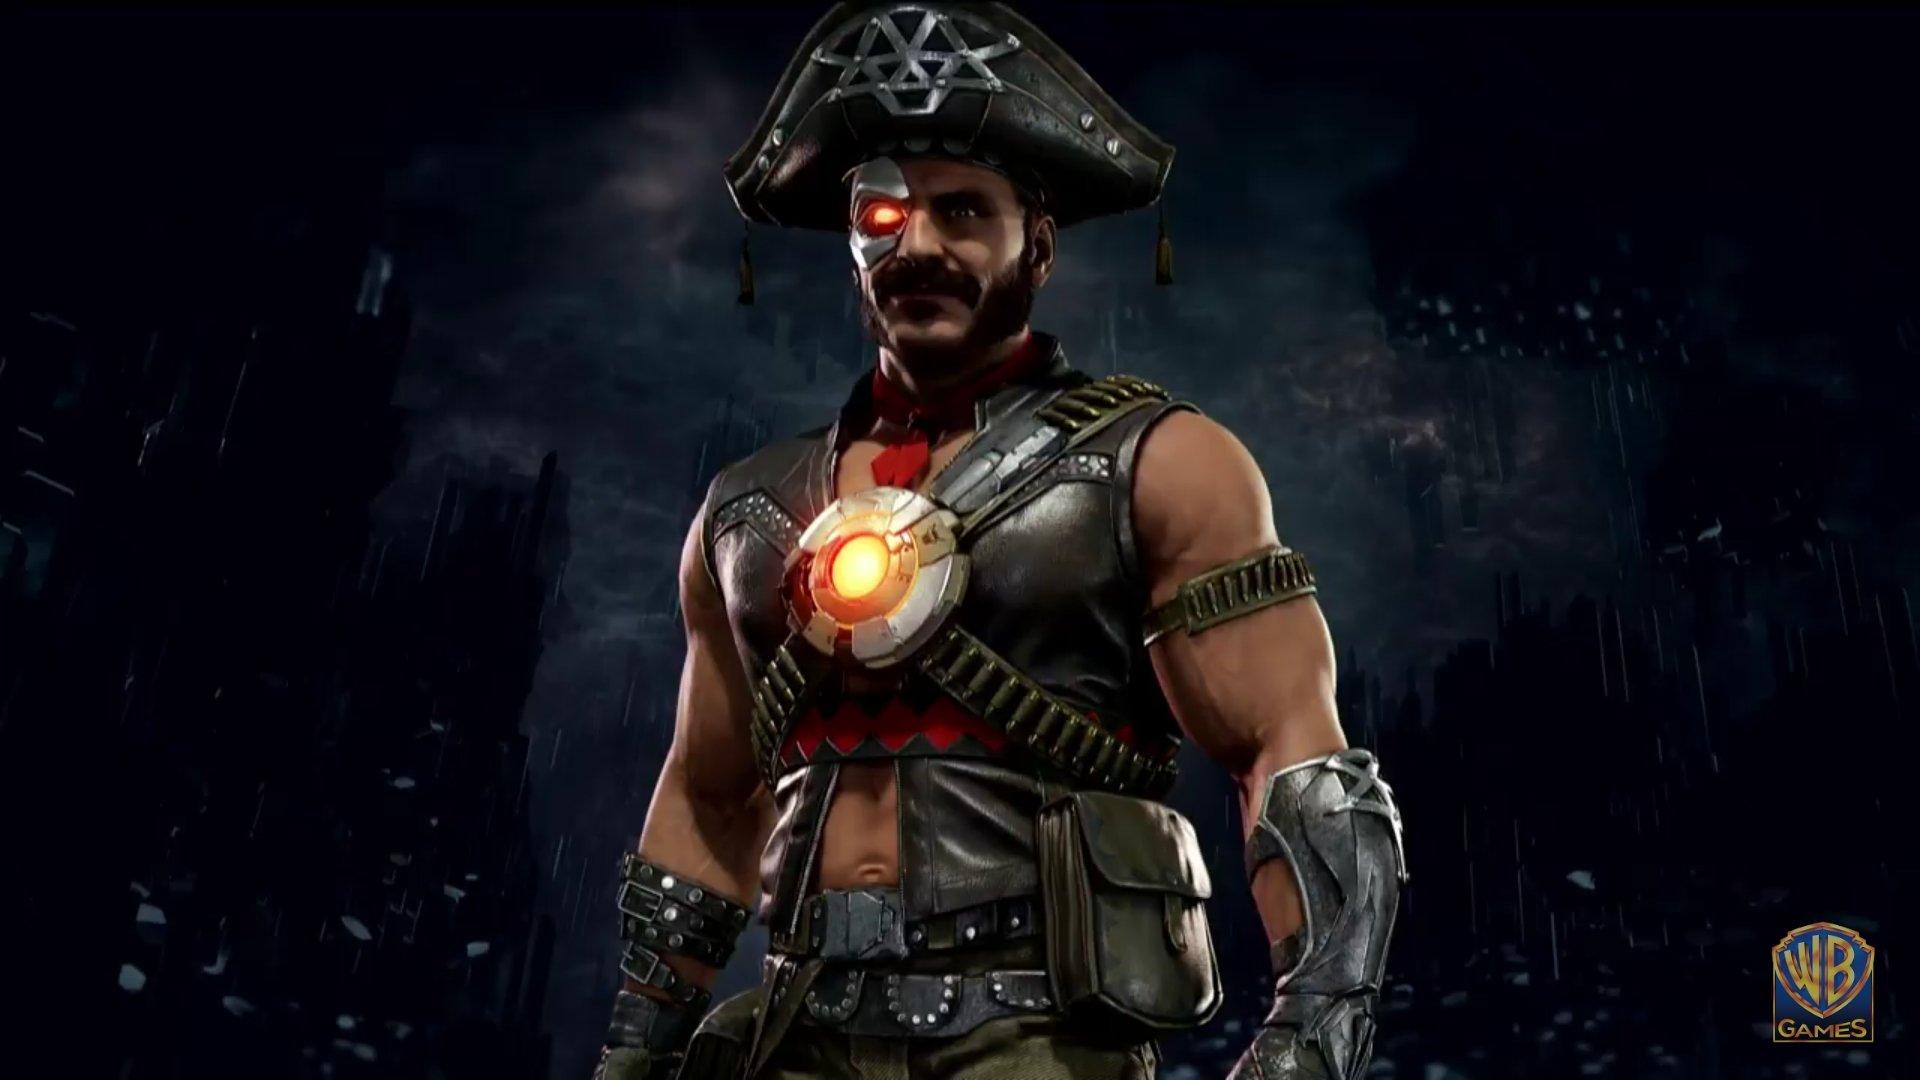 Kano Mortal Kombat 11 Pirate Skin